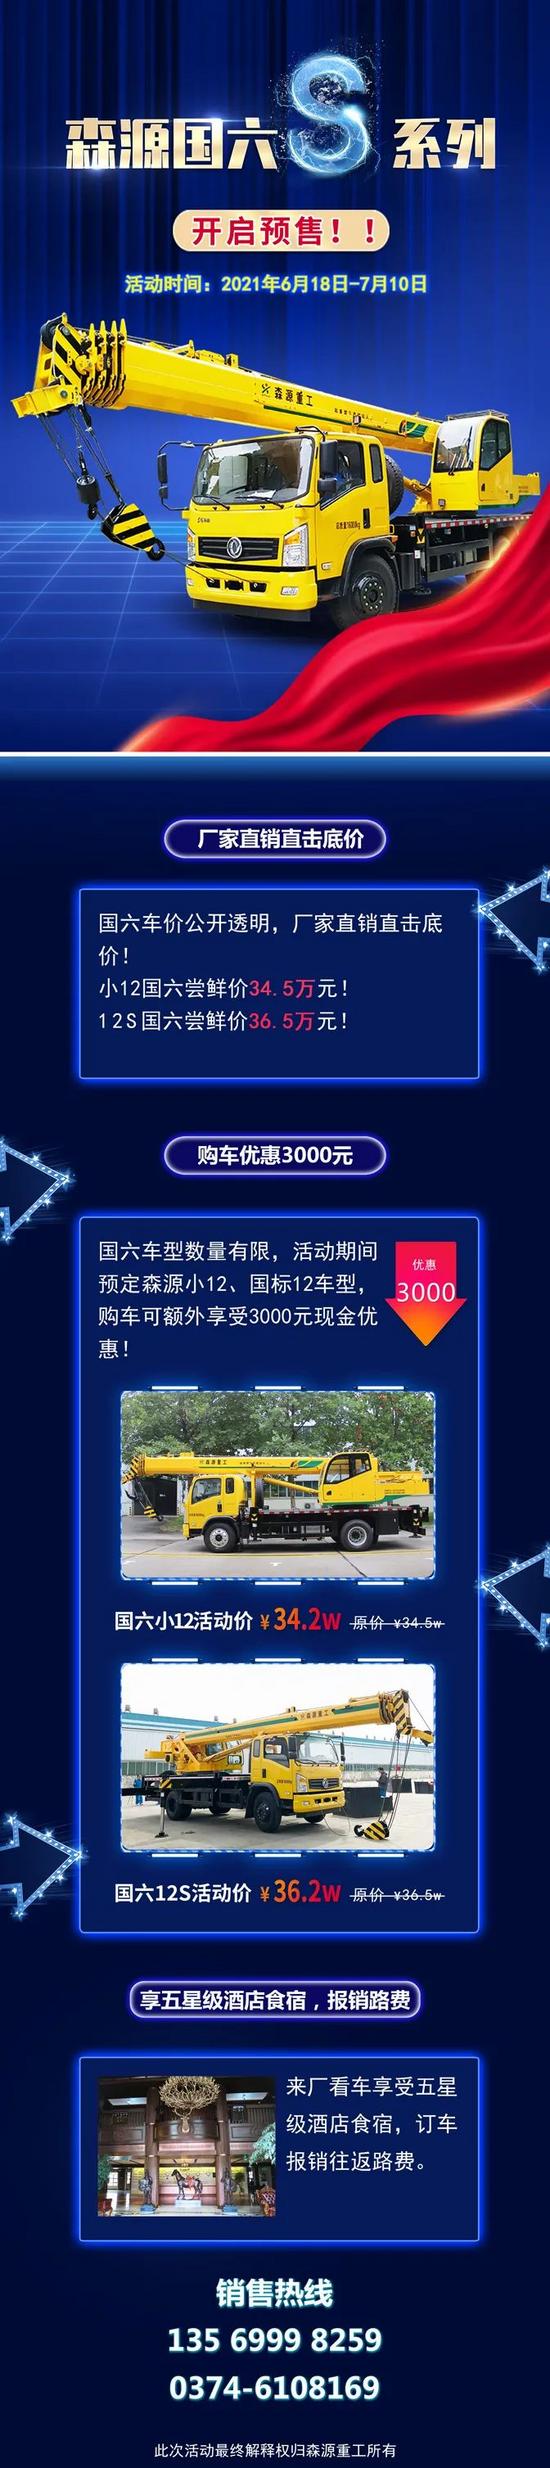 真國六·經典傳承 丨森源起重機國六車型開啟預售!超值優惠等你來!